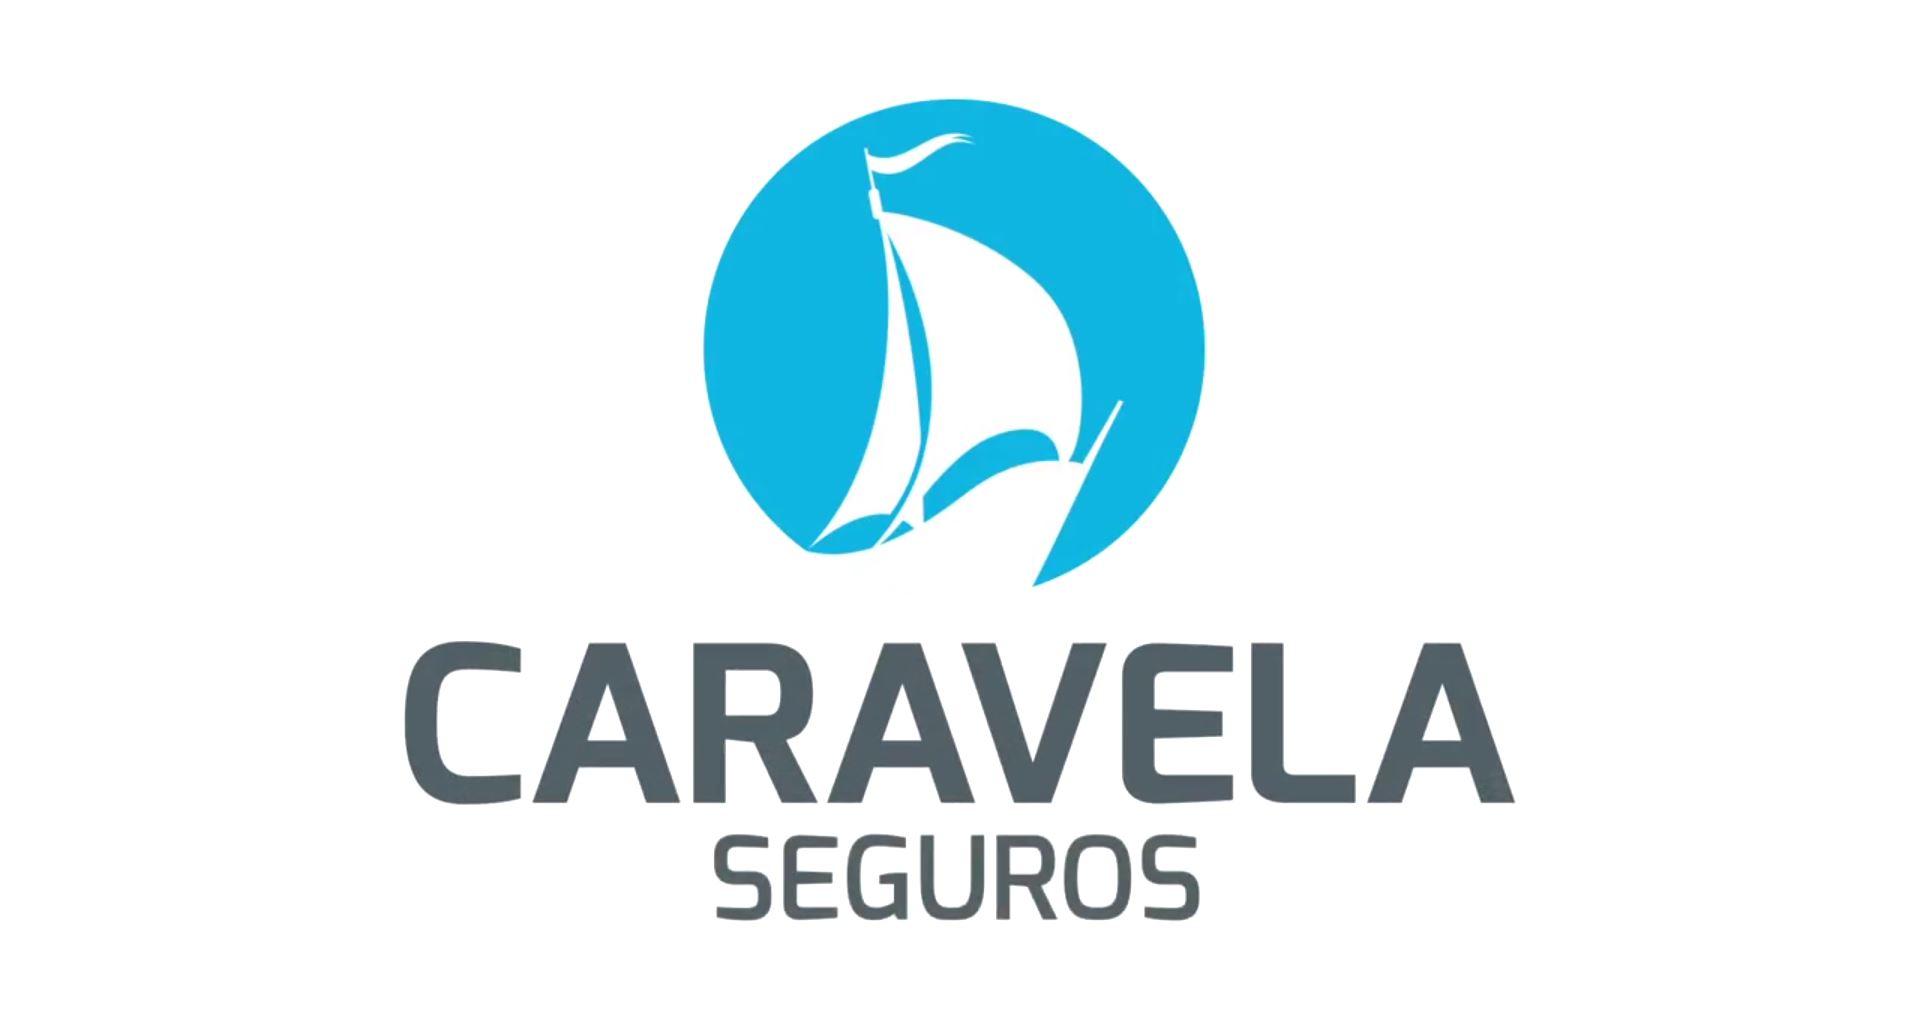 Caravela Seguros – Vídeo Institucional